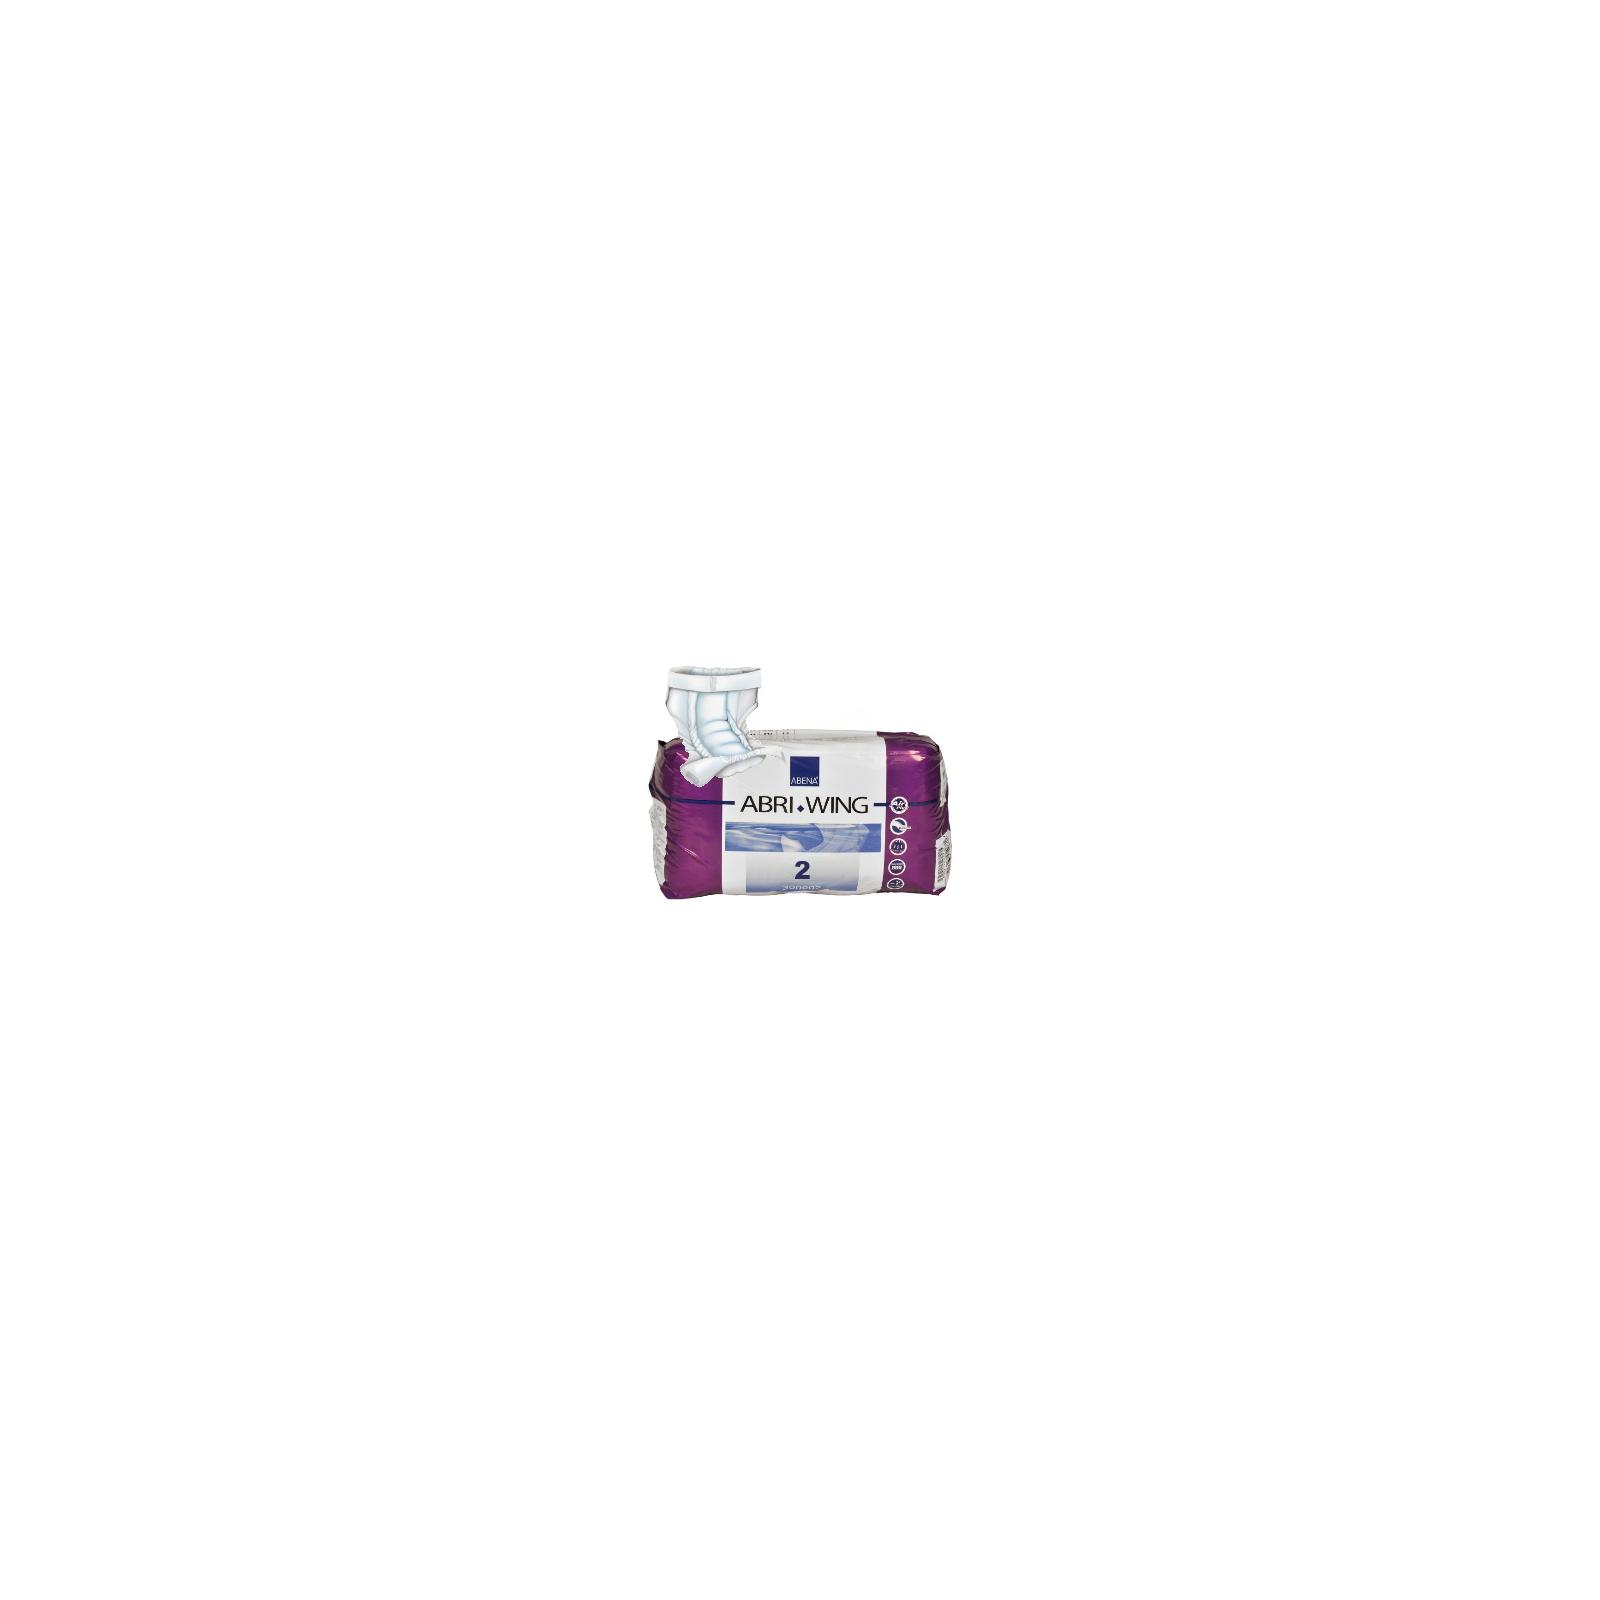 Abena Abri-Wing 2| SenUp.com